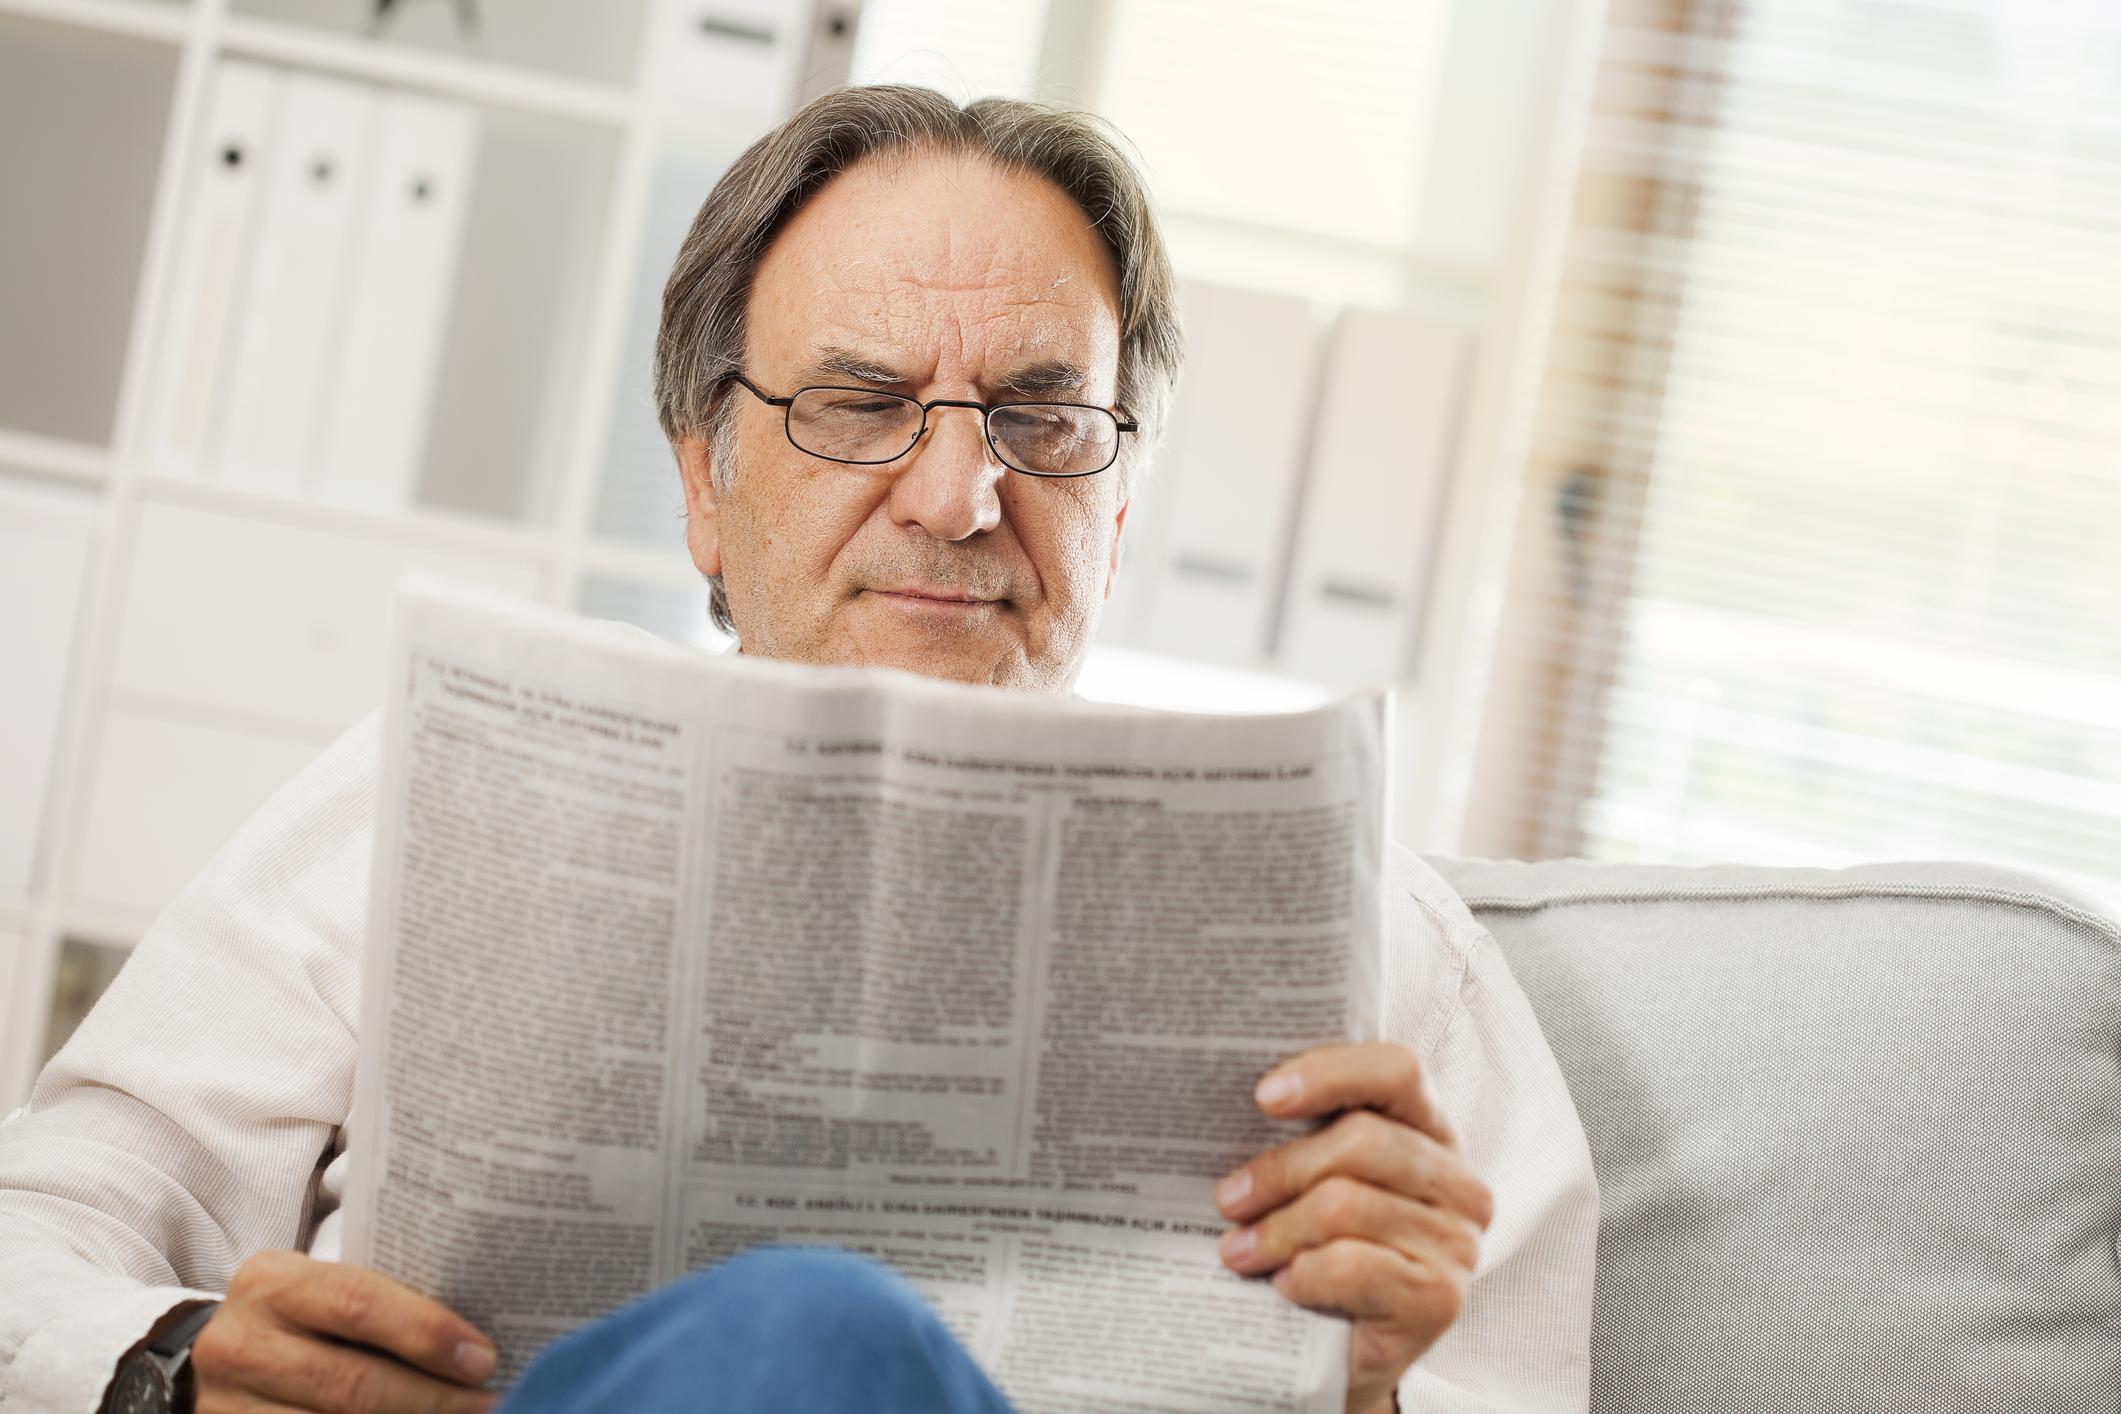 закрывшись одеялом, читает газету картинки избежания